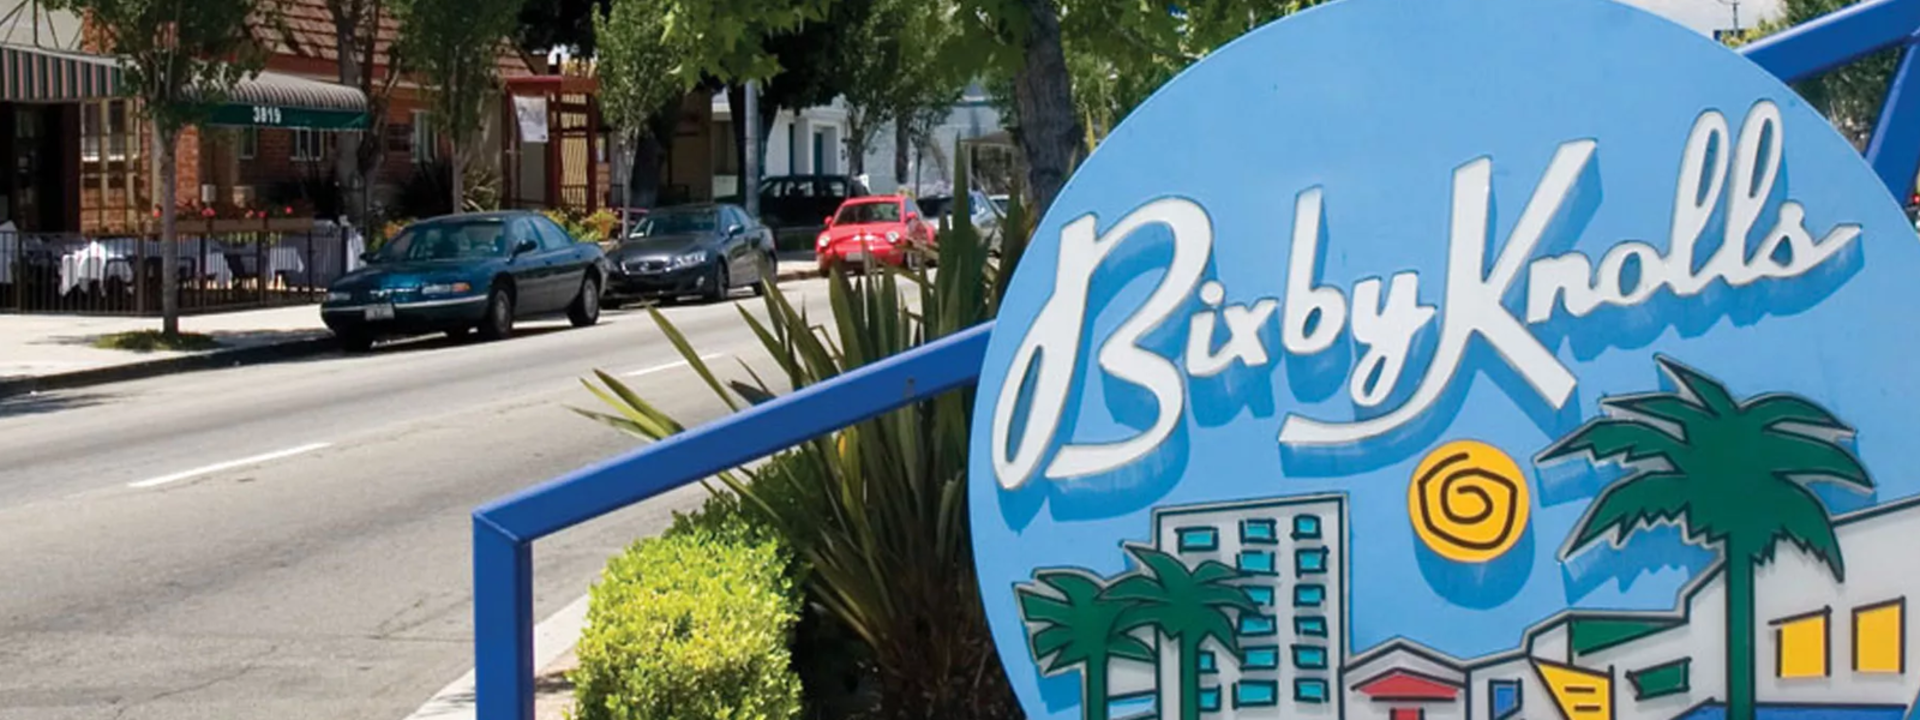 Bixby Knolls, Long Beach